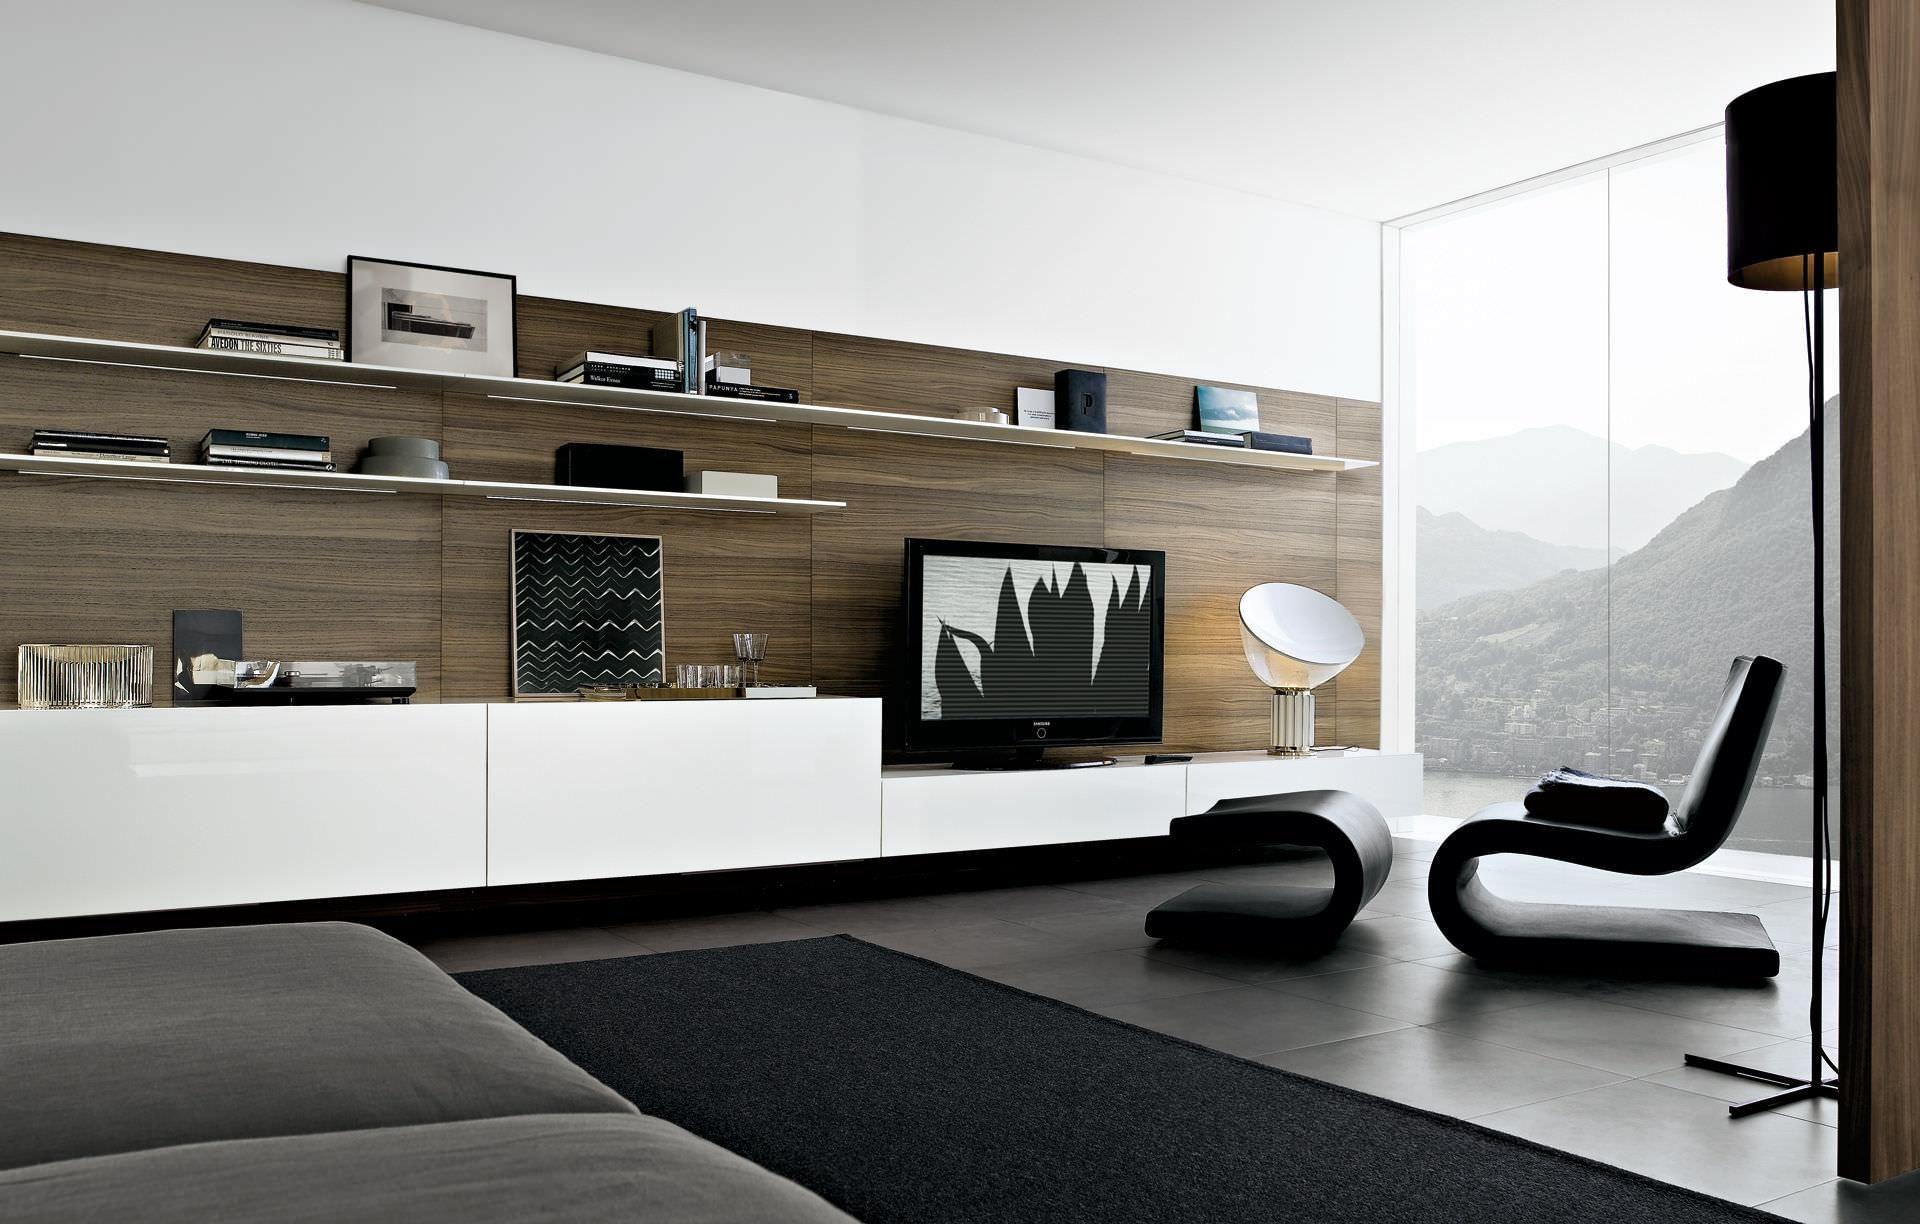 Contemporarytvwallunittvwallmountideasspaciouslivingroom Classy Tv Wall Mount Designs For Living Room 2018